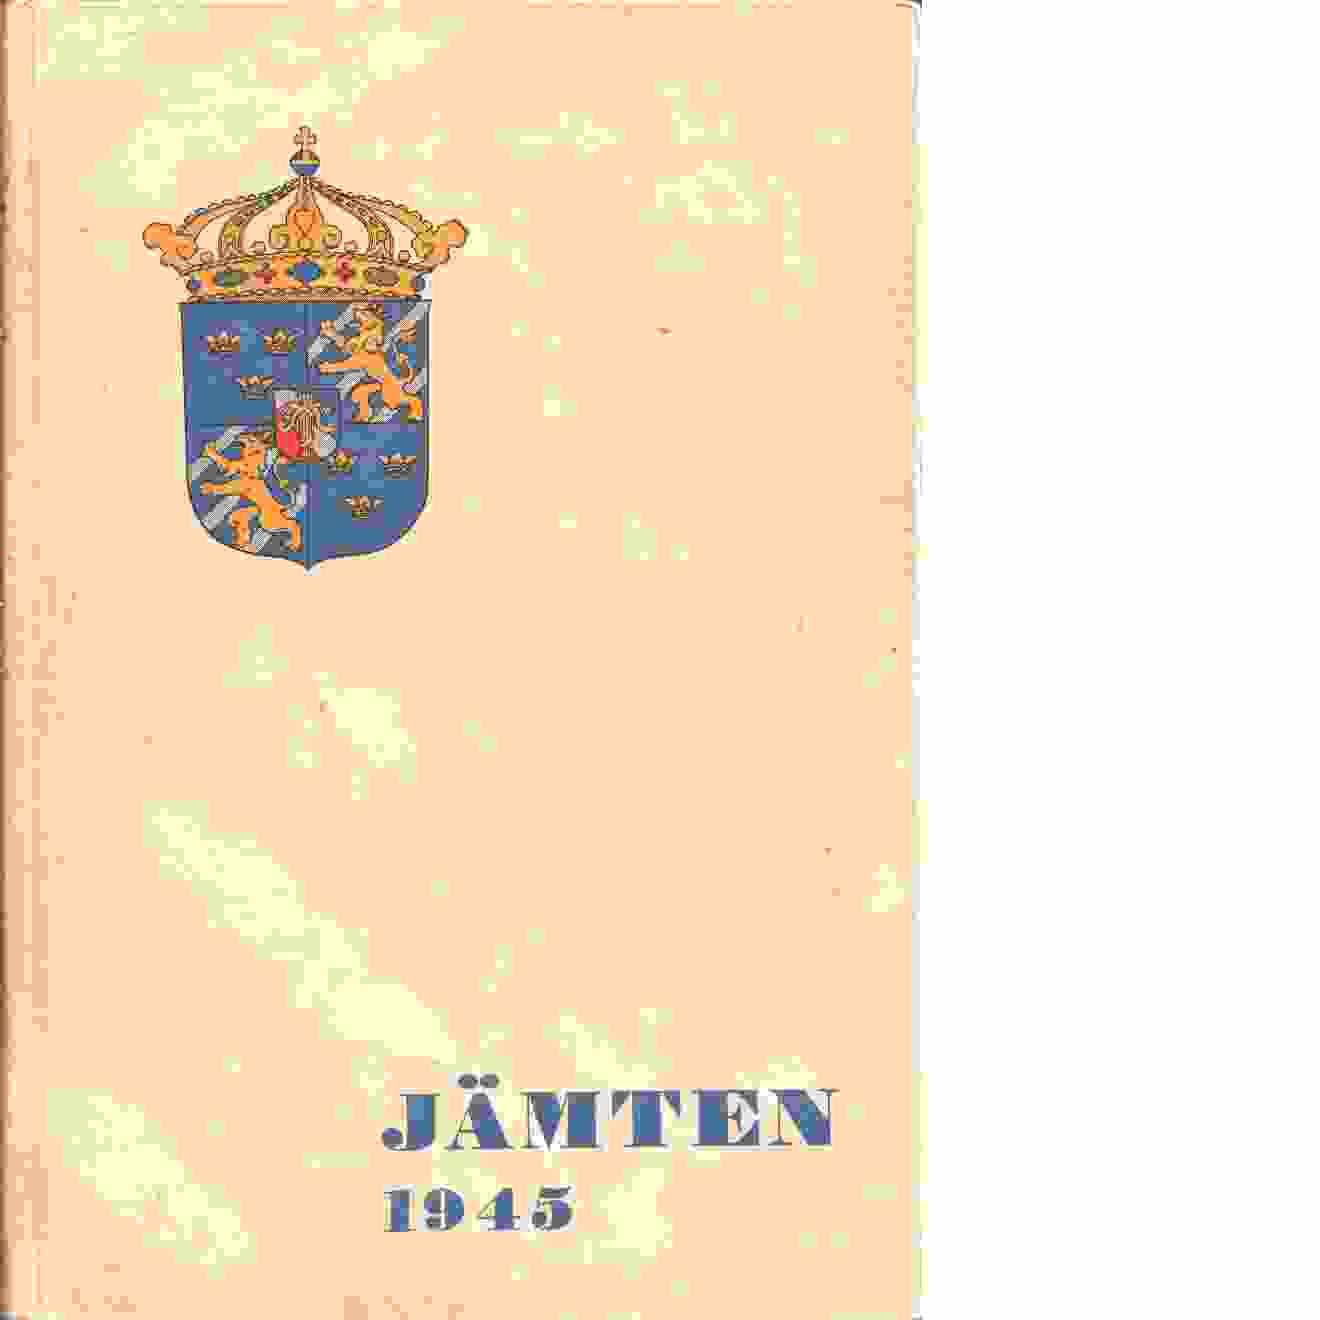 Jämten 1945 - Red. Björkquist, Lennart